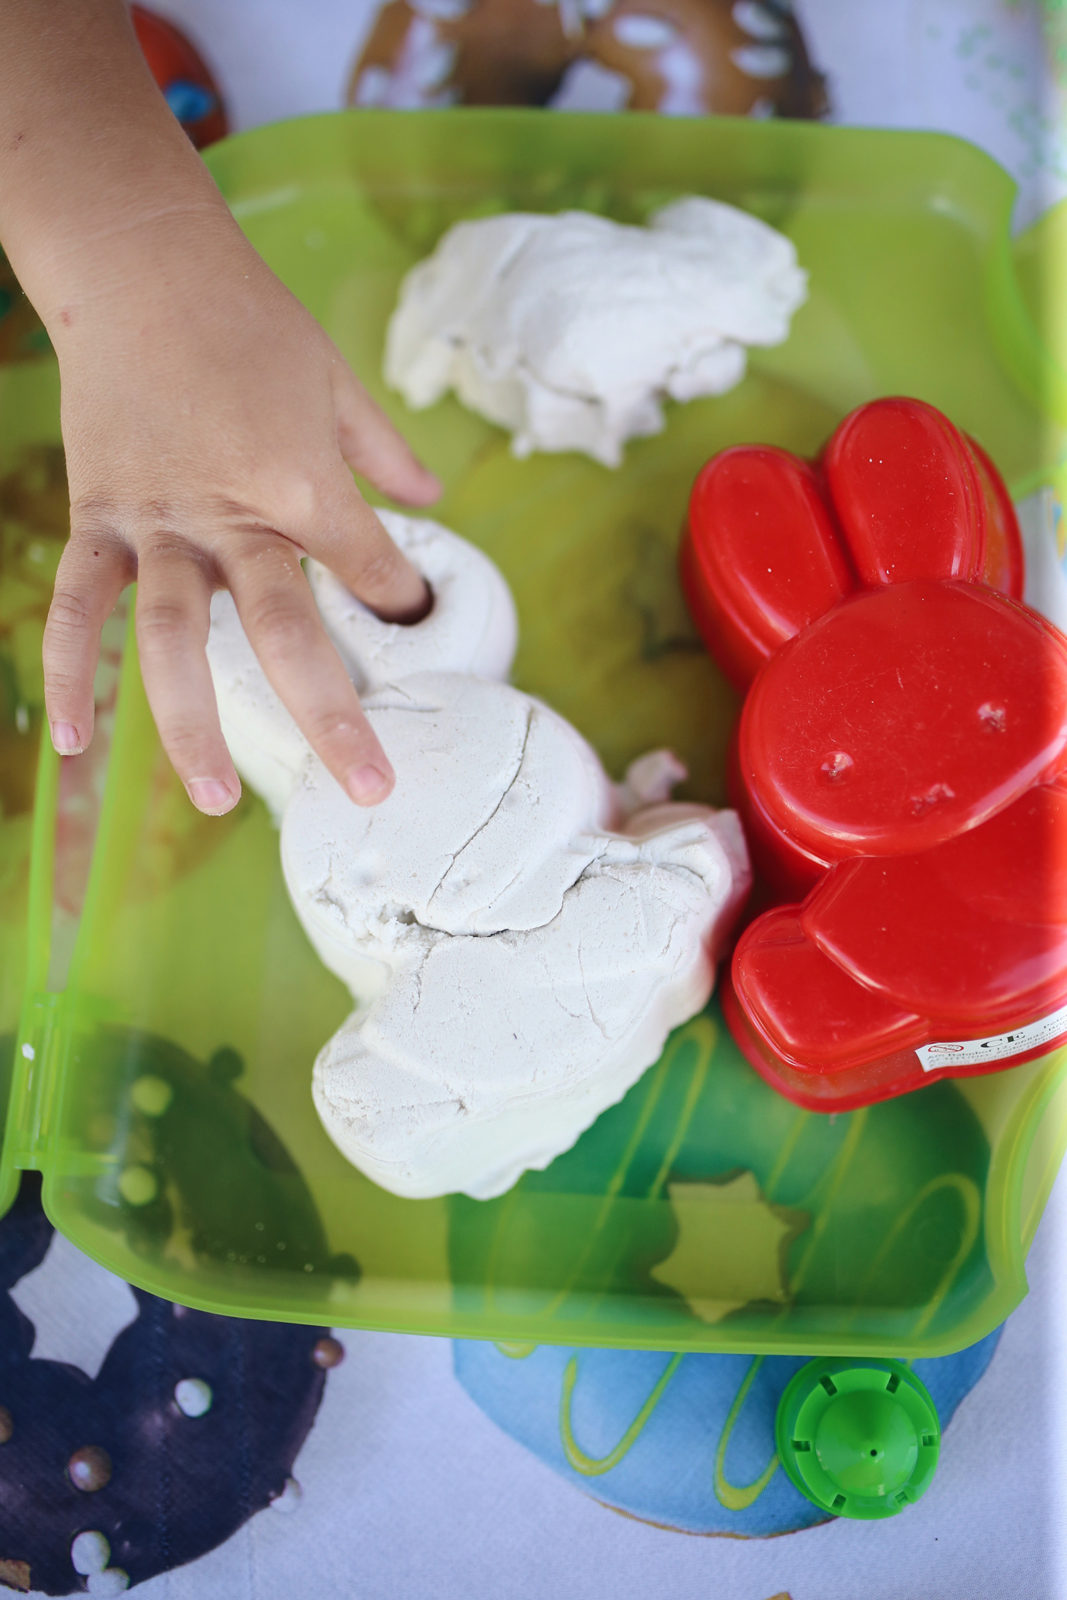 Kinder Spielspaß für den Sommer: Das kommt mit in den Sommerurlaub | #Spielspaß #kinetischersand #SpielefürdenSommerurlaub #Kinderspiele #Sommerurlaub |Pinspiration.de